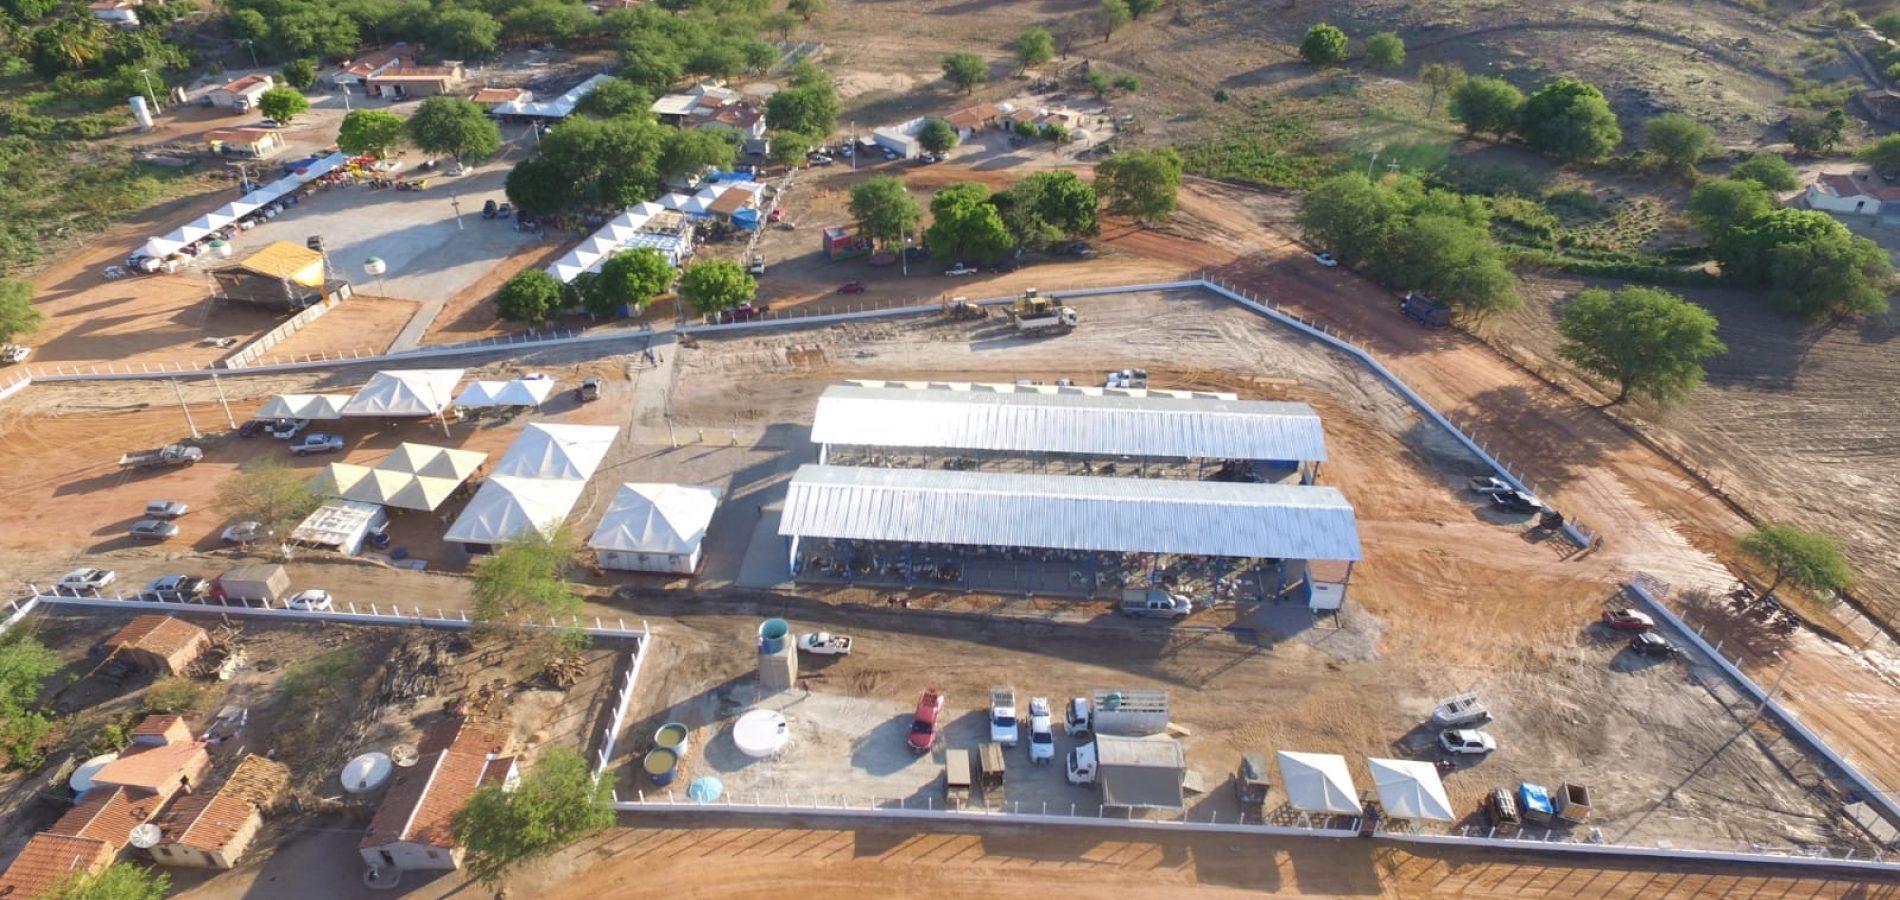 Confira fotos do 1° dia da ExpoCaboclos em Caldeirão Grande do Piauí